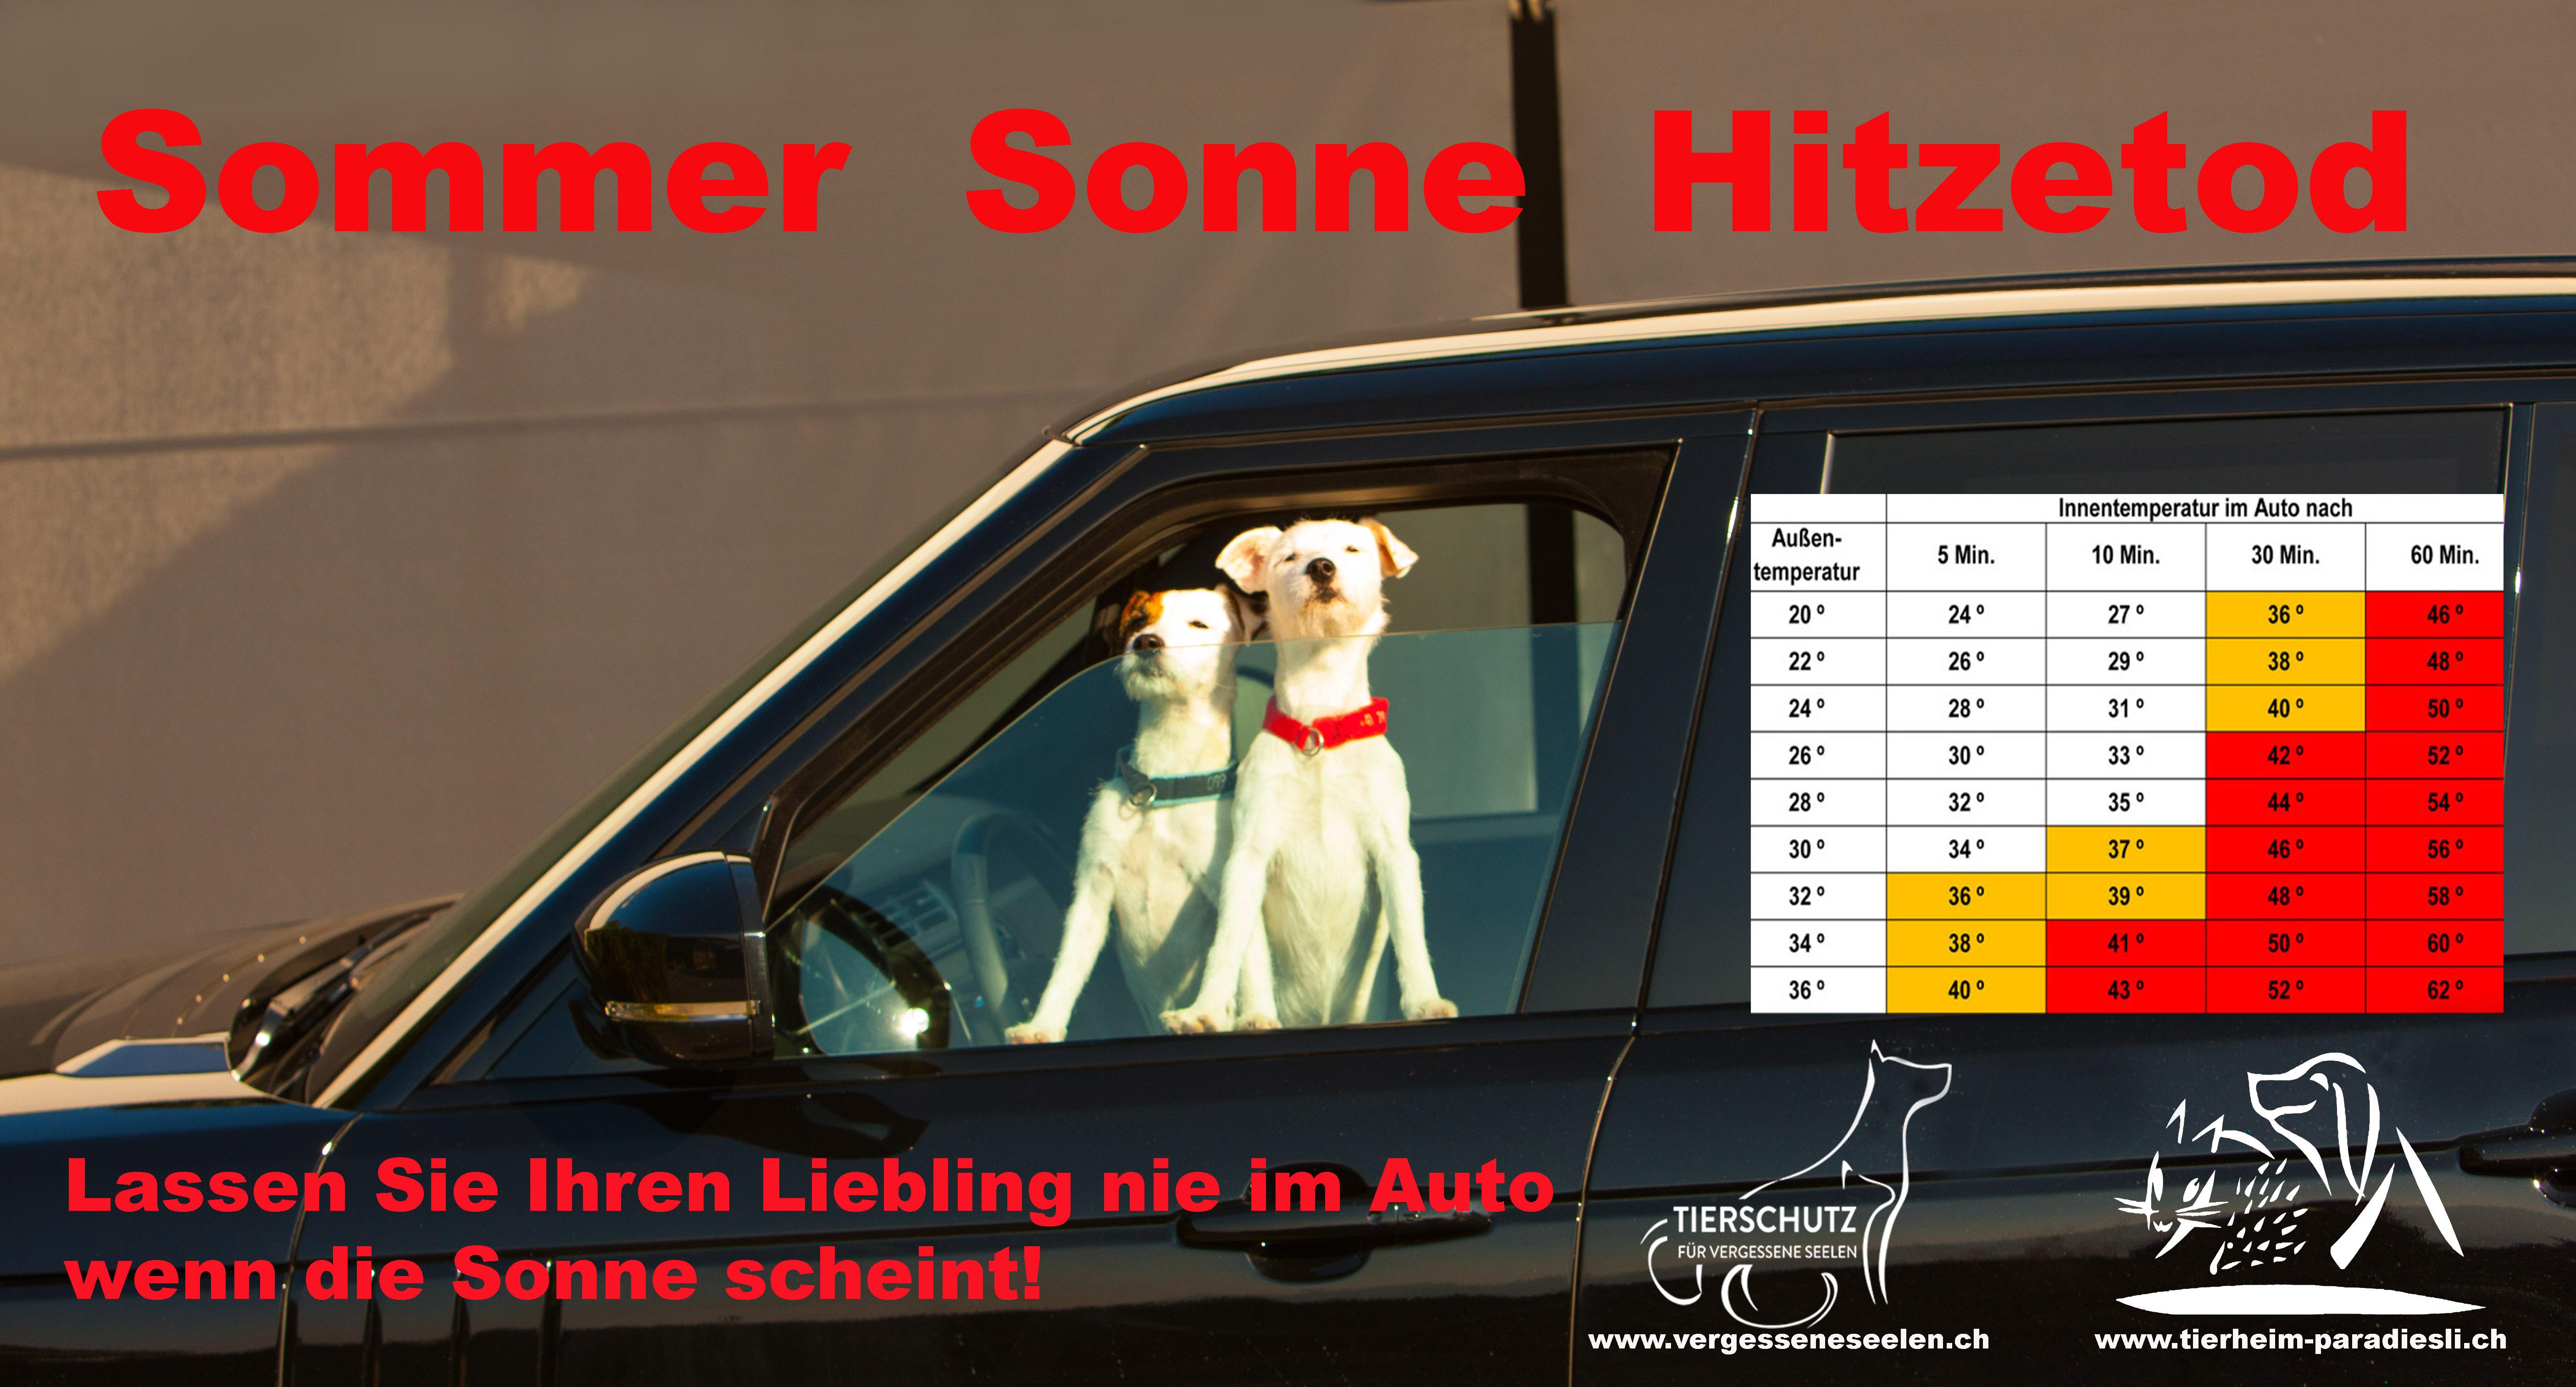 Poster-Sonne-Sommer-Hitzetod